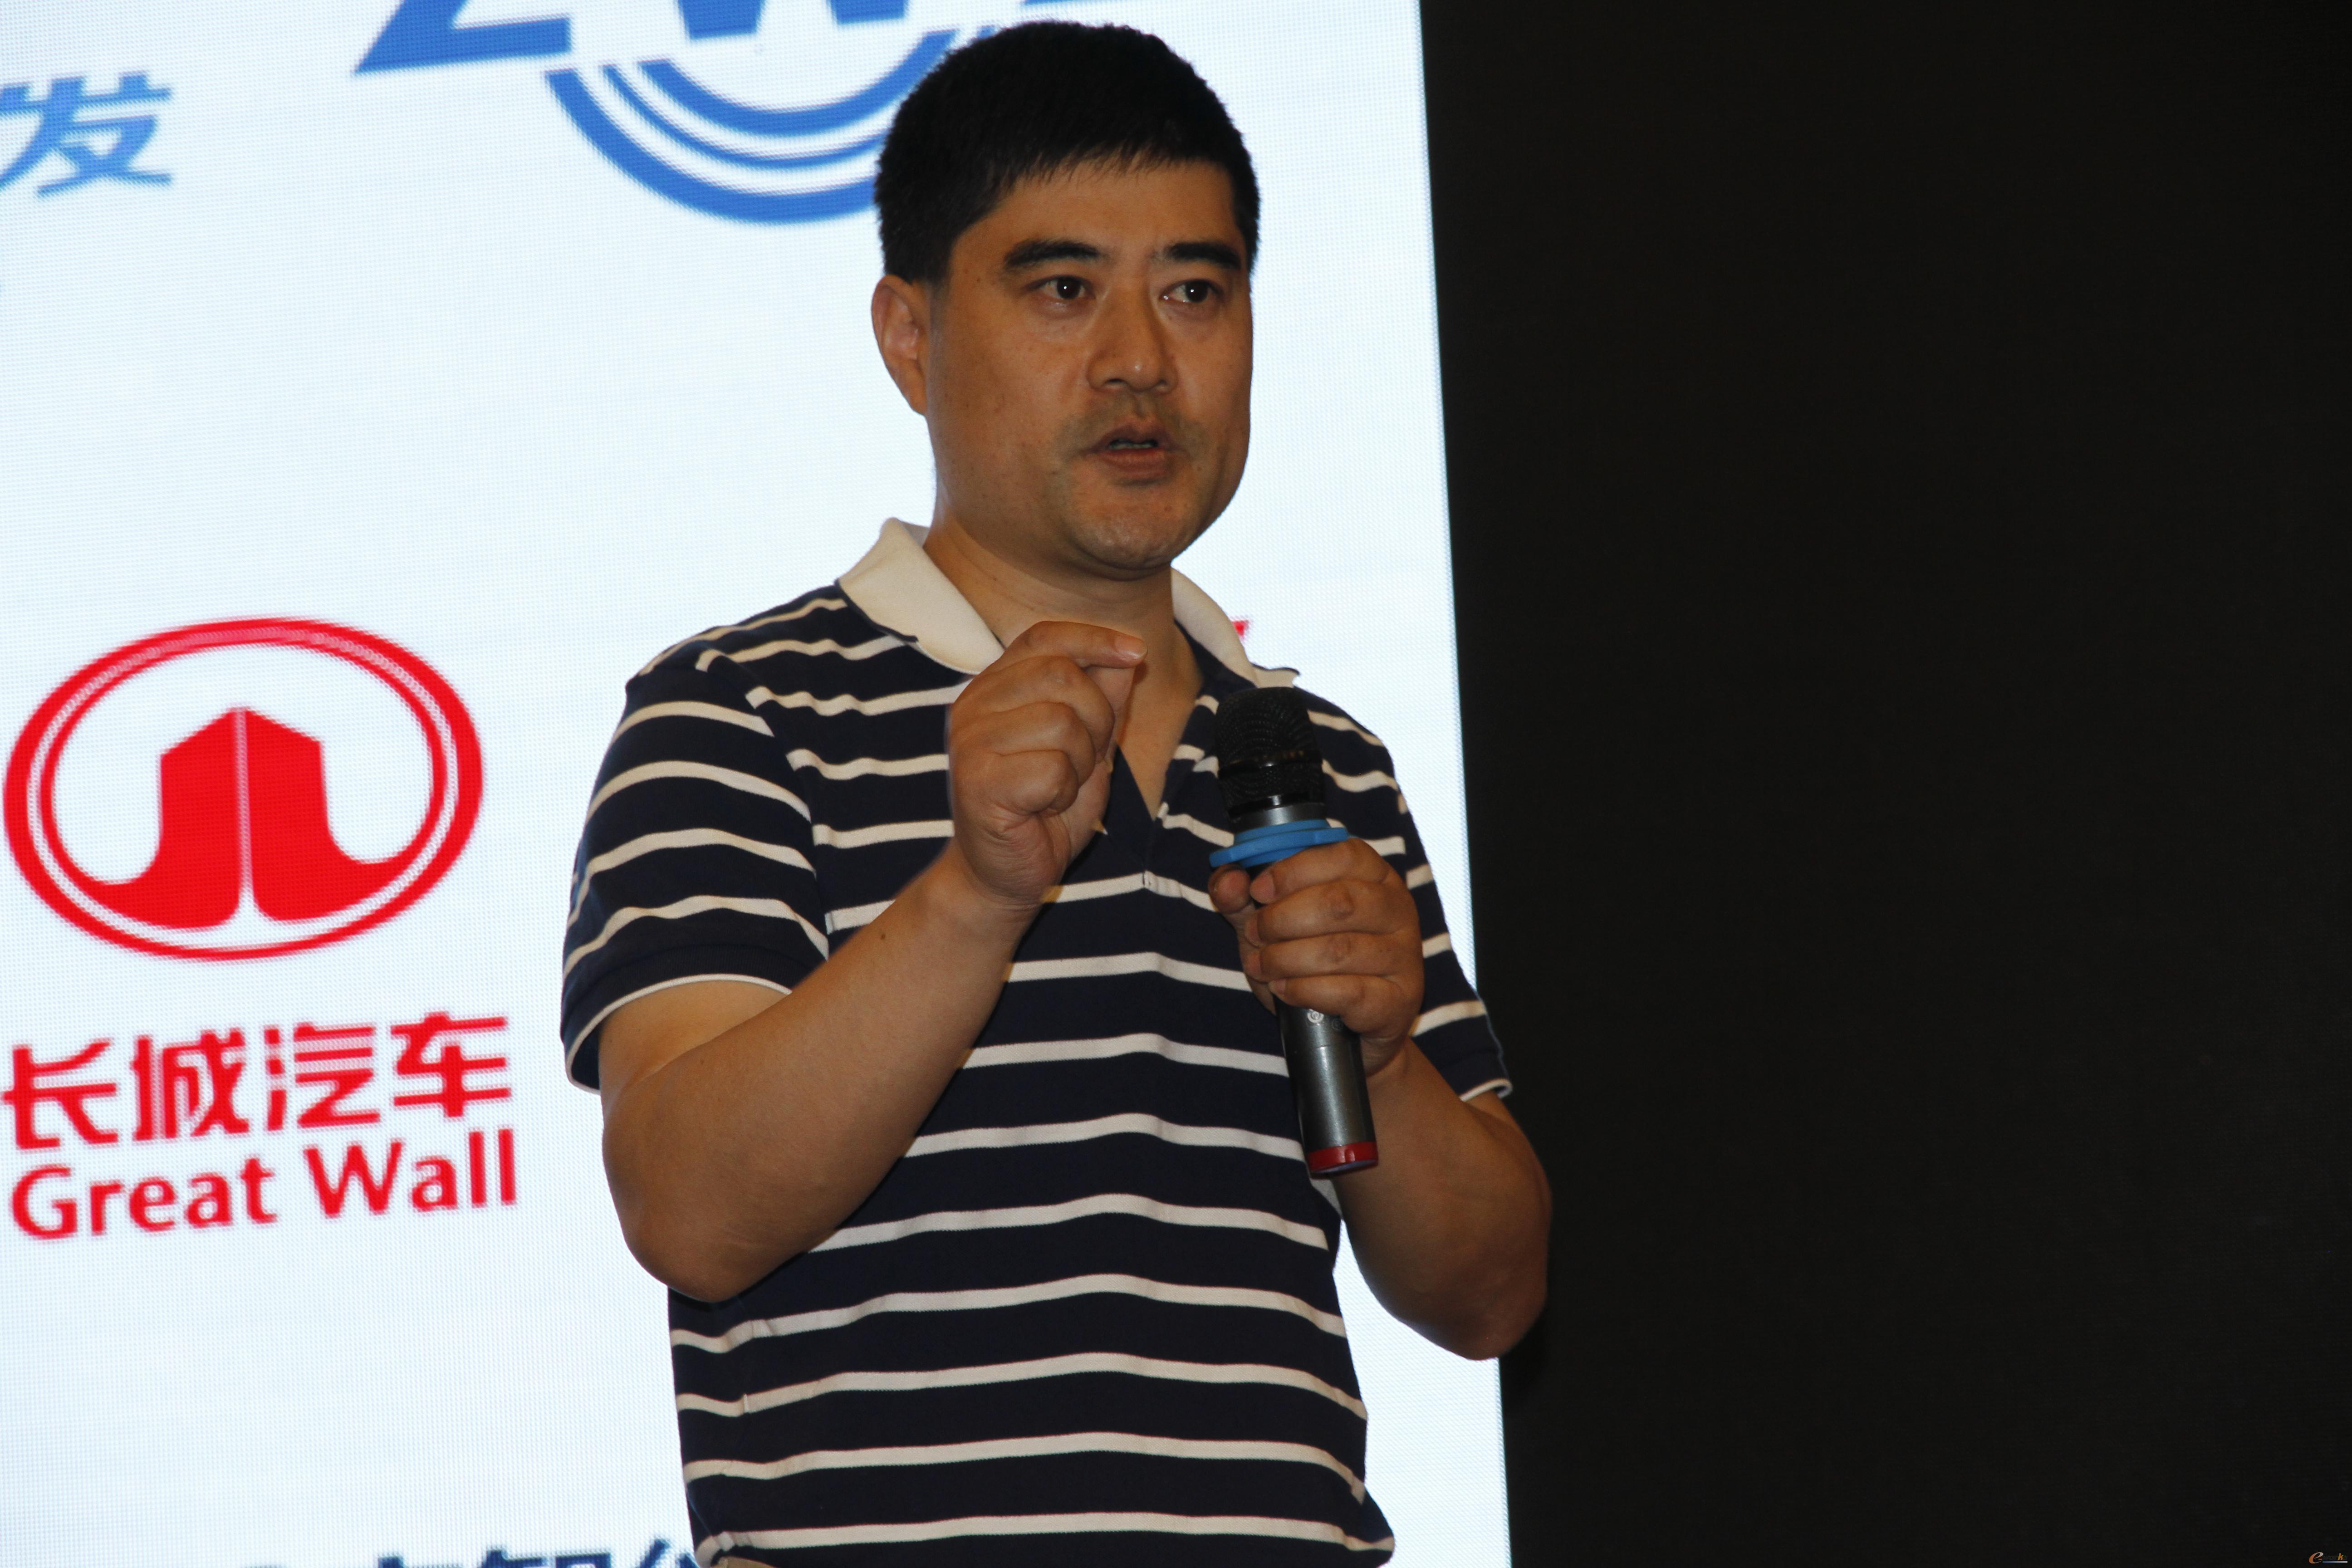 中国科学院特聘研究员杜劲松